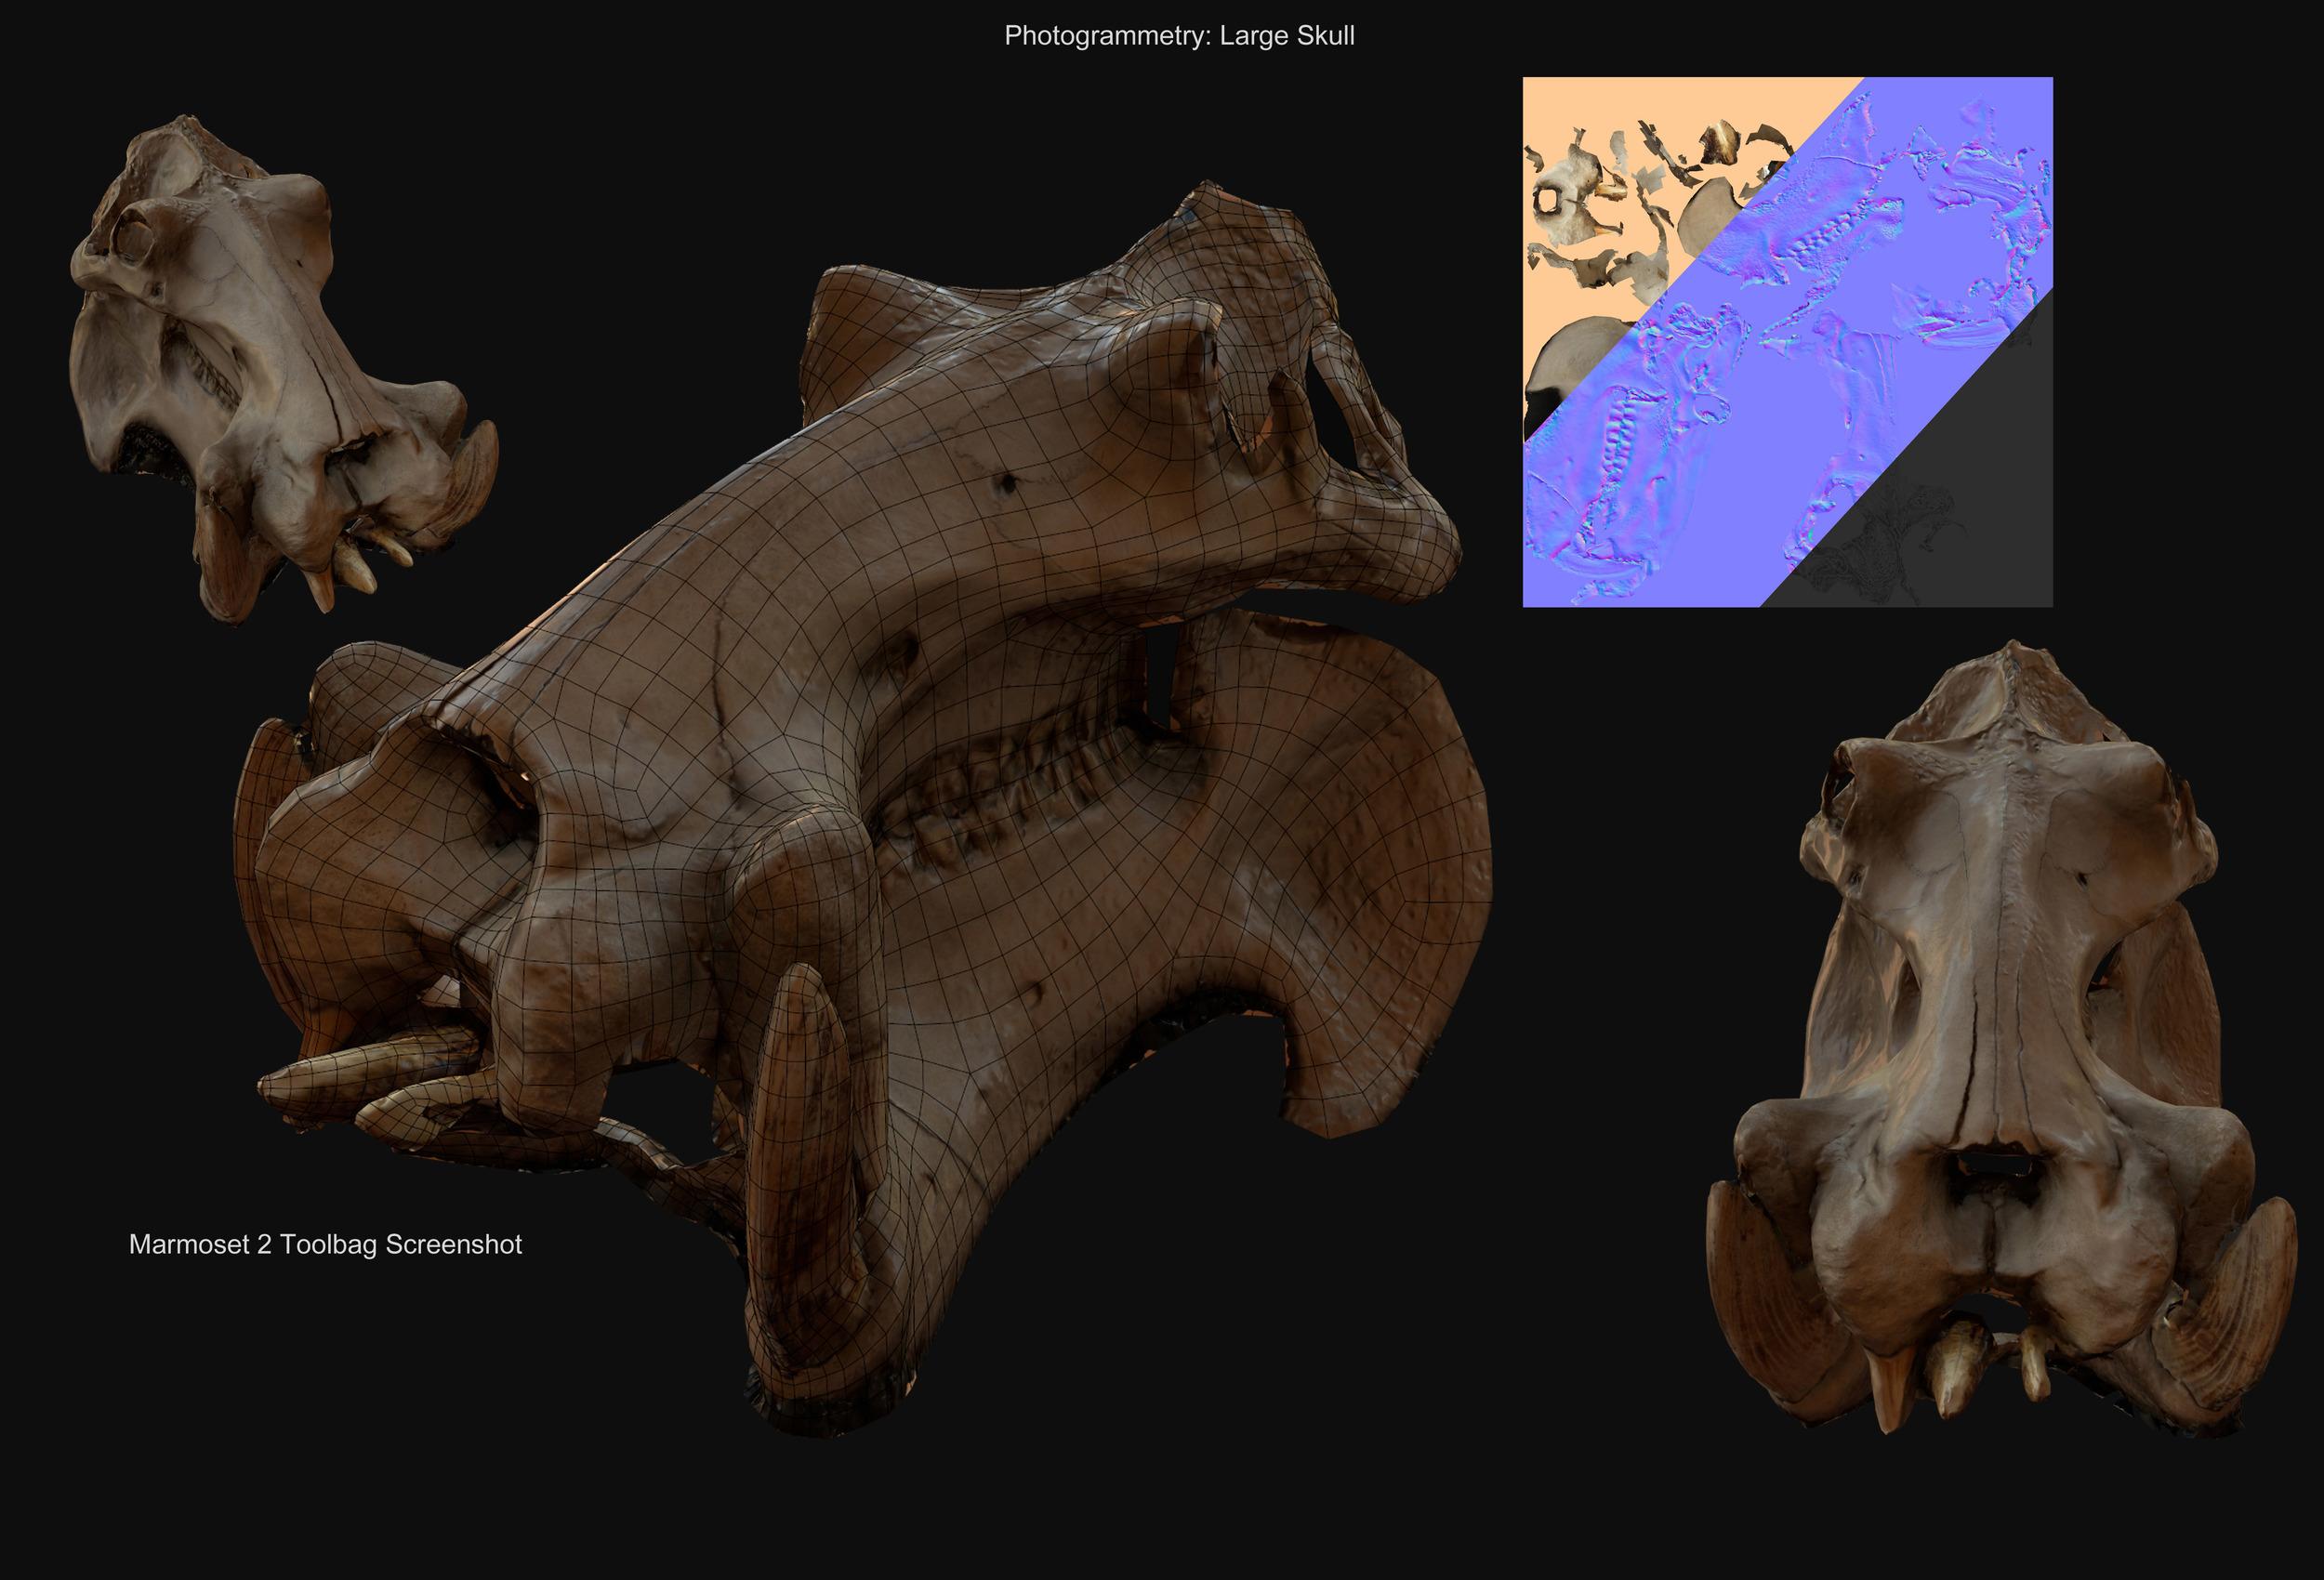 Large Skull - Model running in realtime engine. (Upper Right: Model textures) - David McDonald